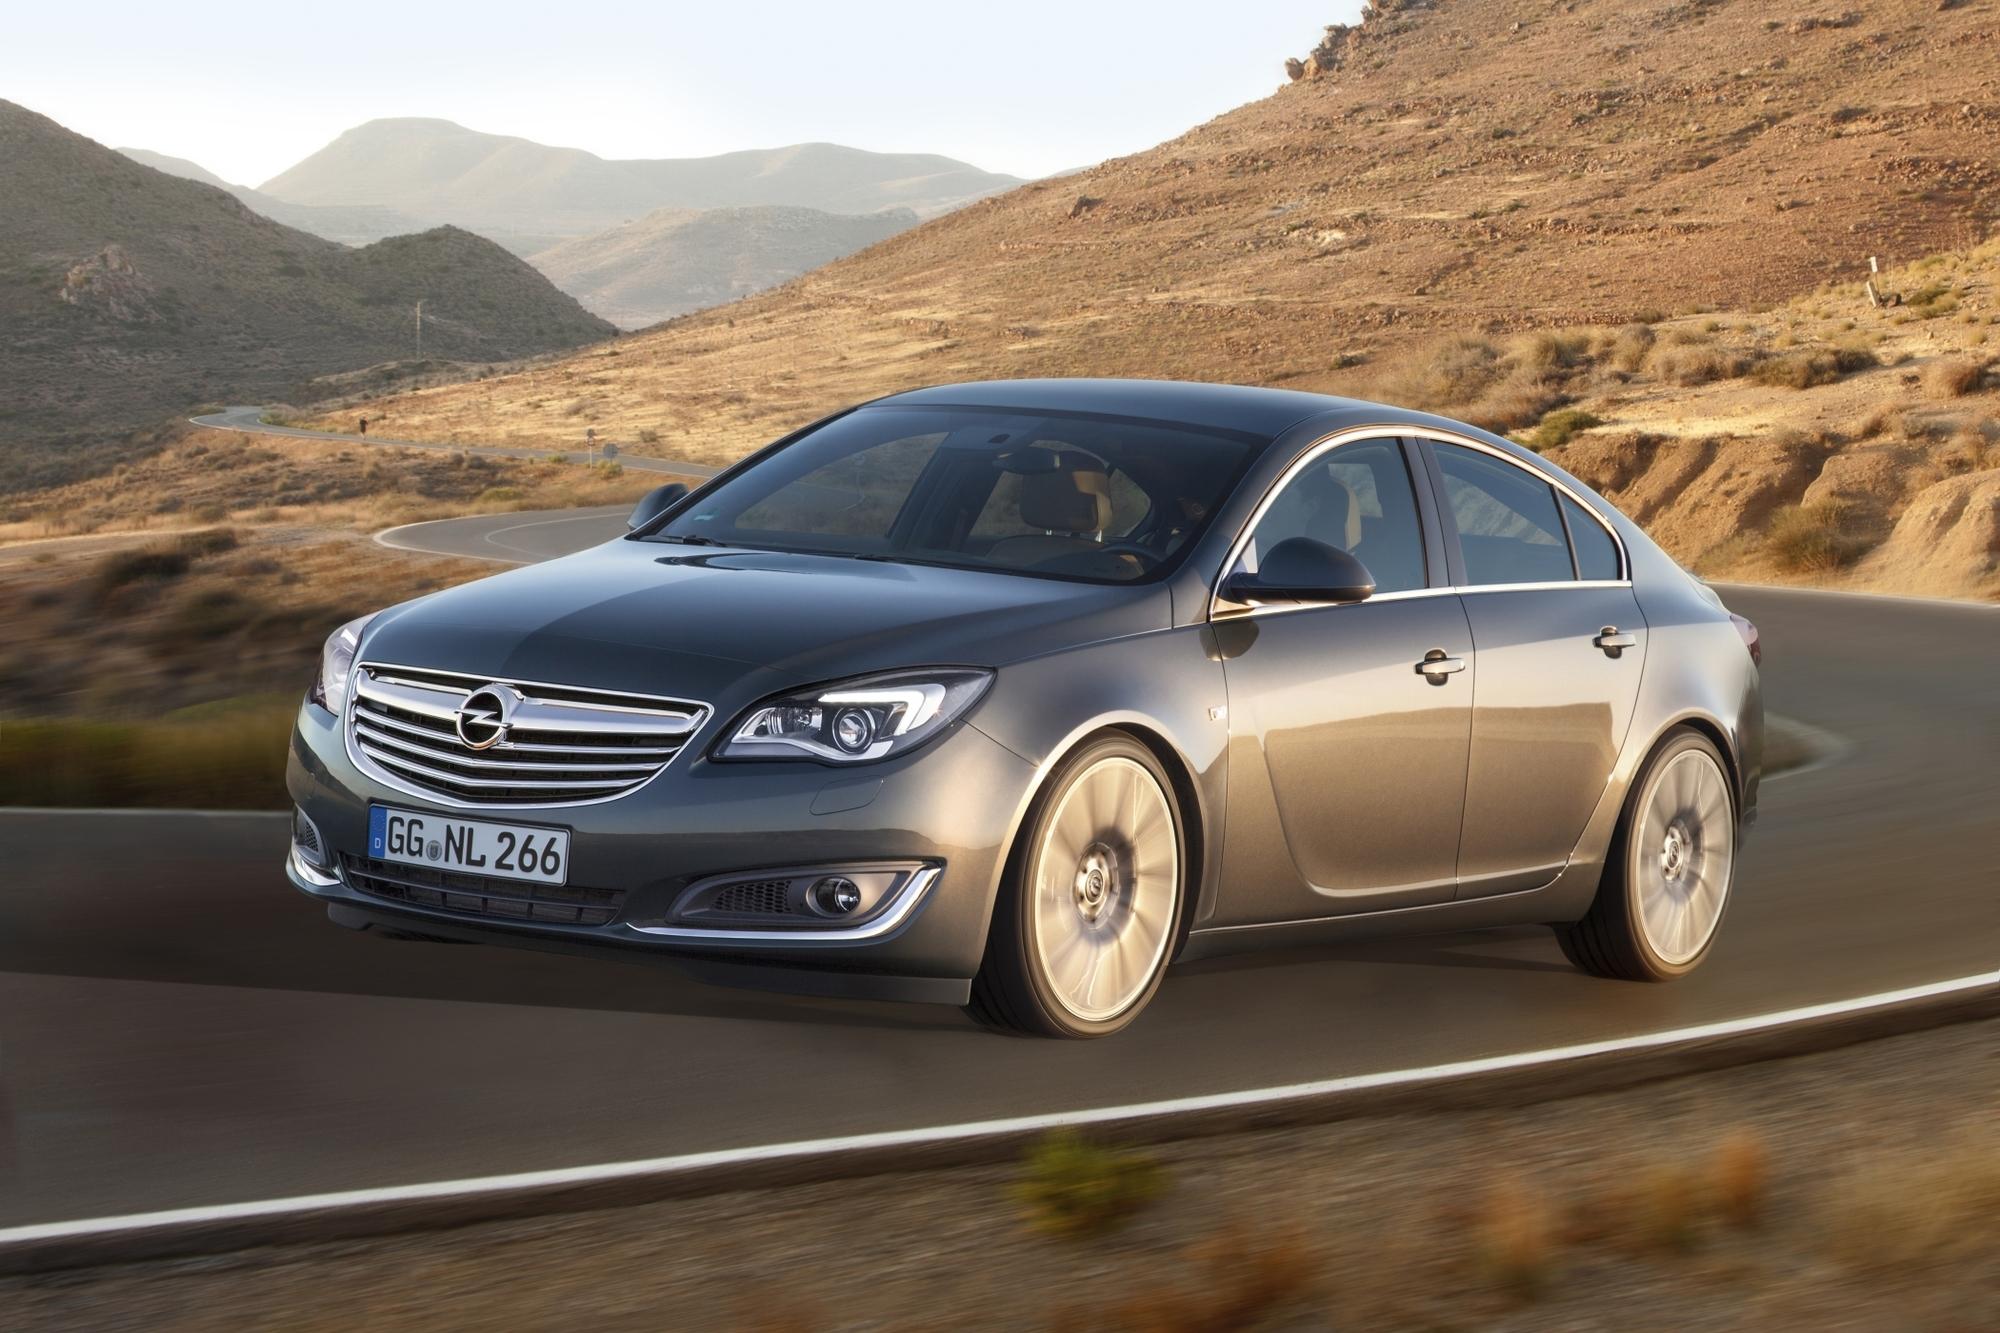 Neuer Opel-Diesel  - Ruhiger und sparsamer